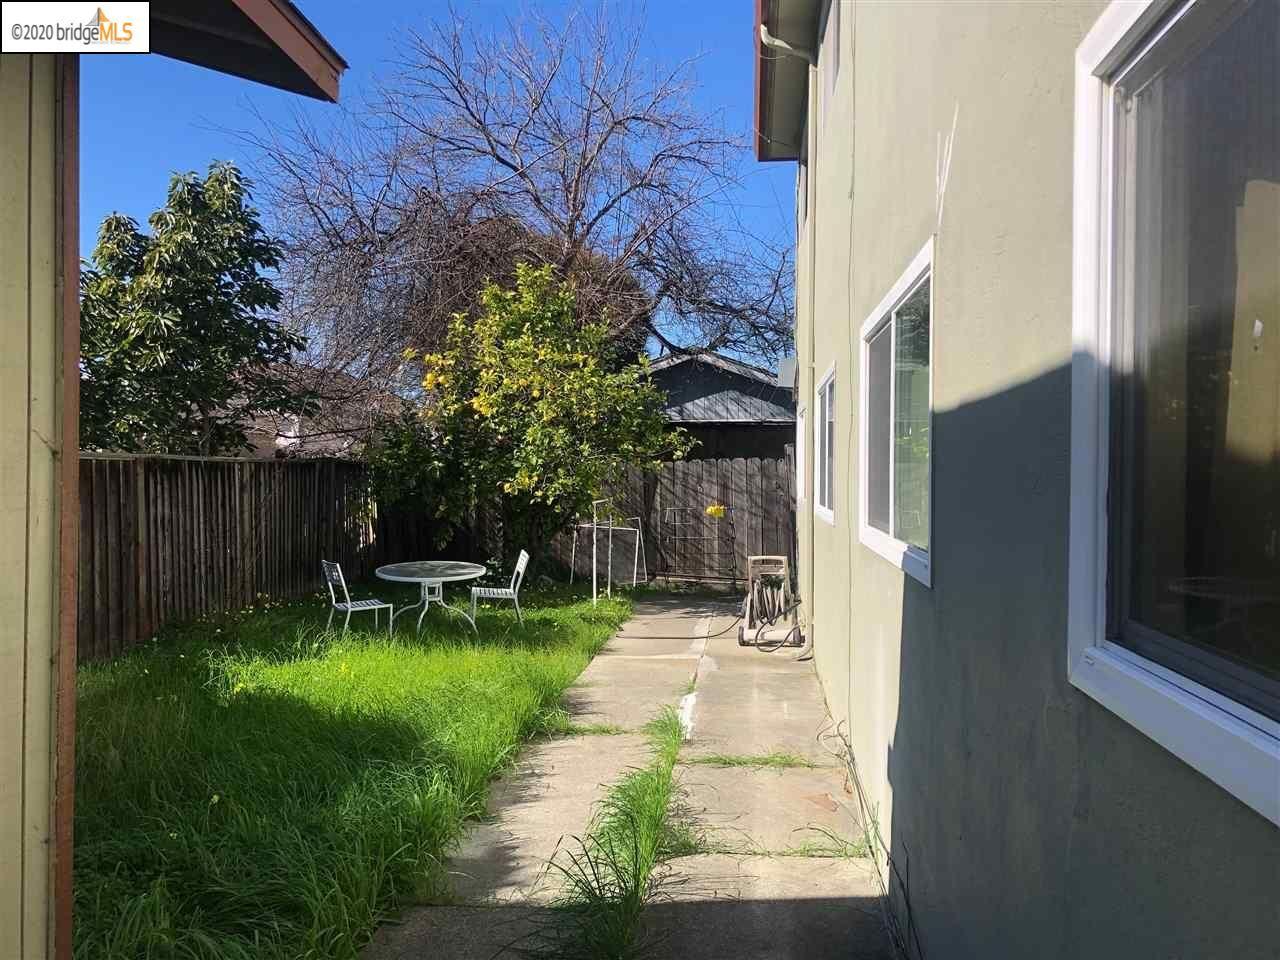 Photo of 28537 E 13th St., HAYWARD, CA 94544 (MLS # 40898581)